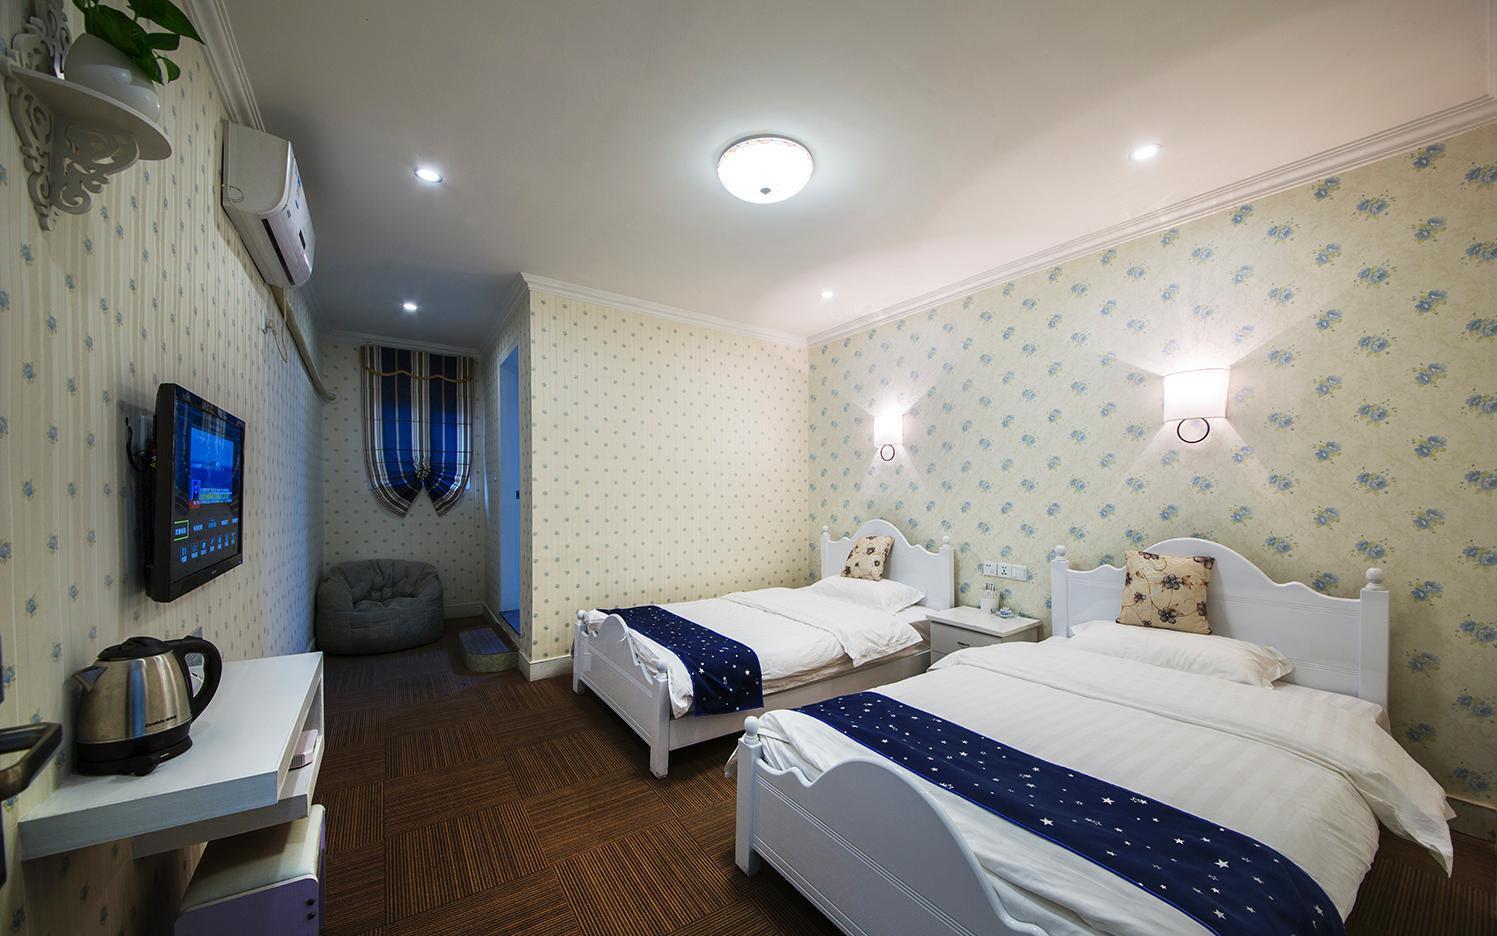 hotel near Jiaxing BEYOUND THE CLOUD STAY Private Apt BINLENG near Wuzhen Xishan